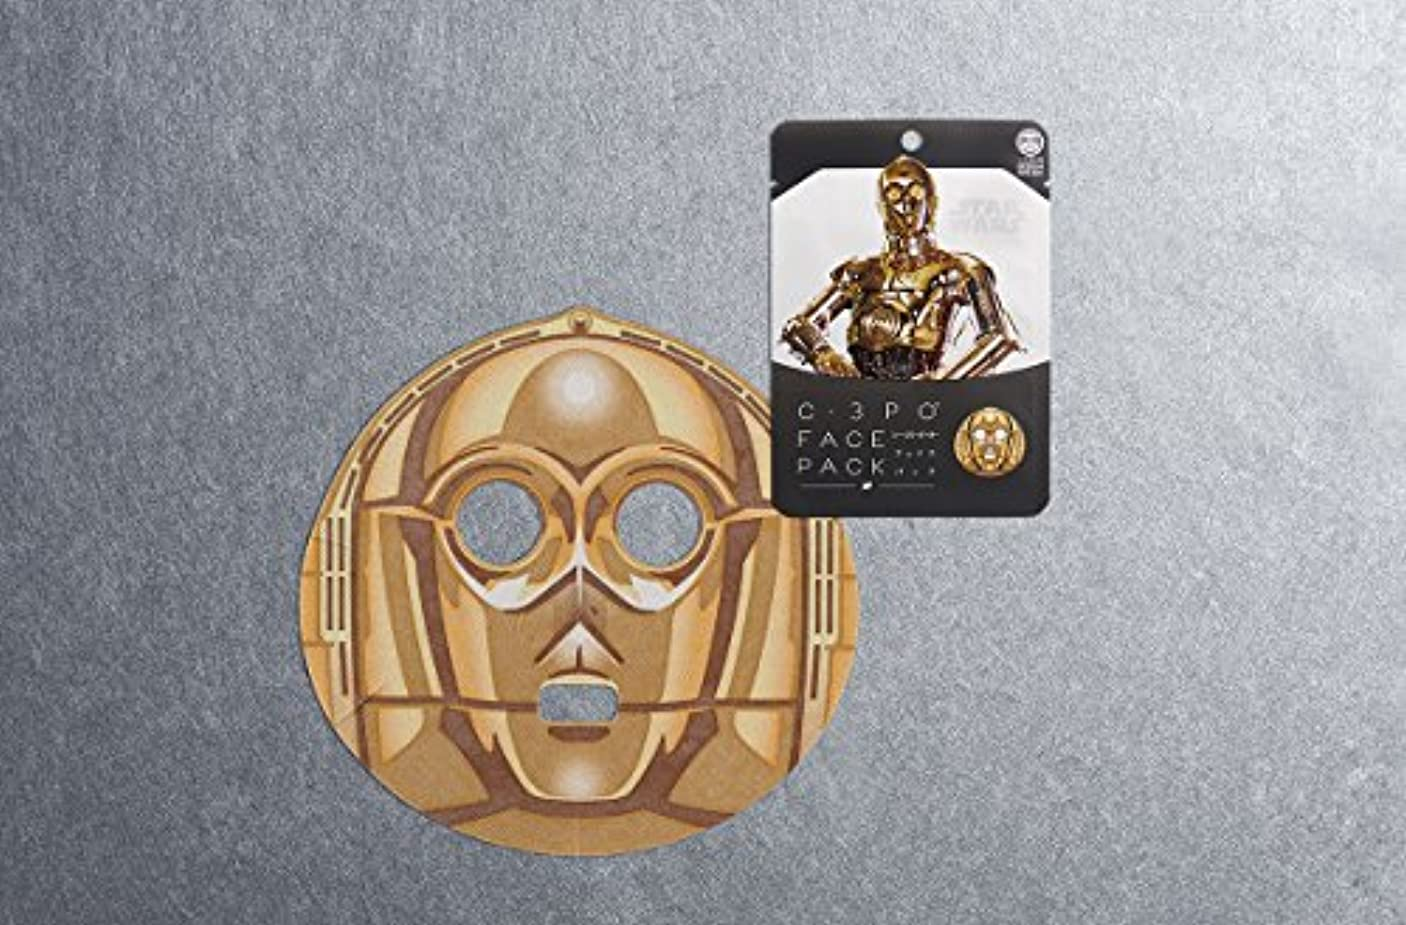 差別閉じる結果ターウォーズフェイスパック 「C-3PO」